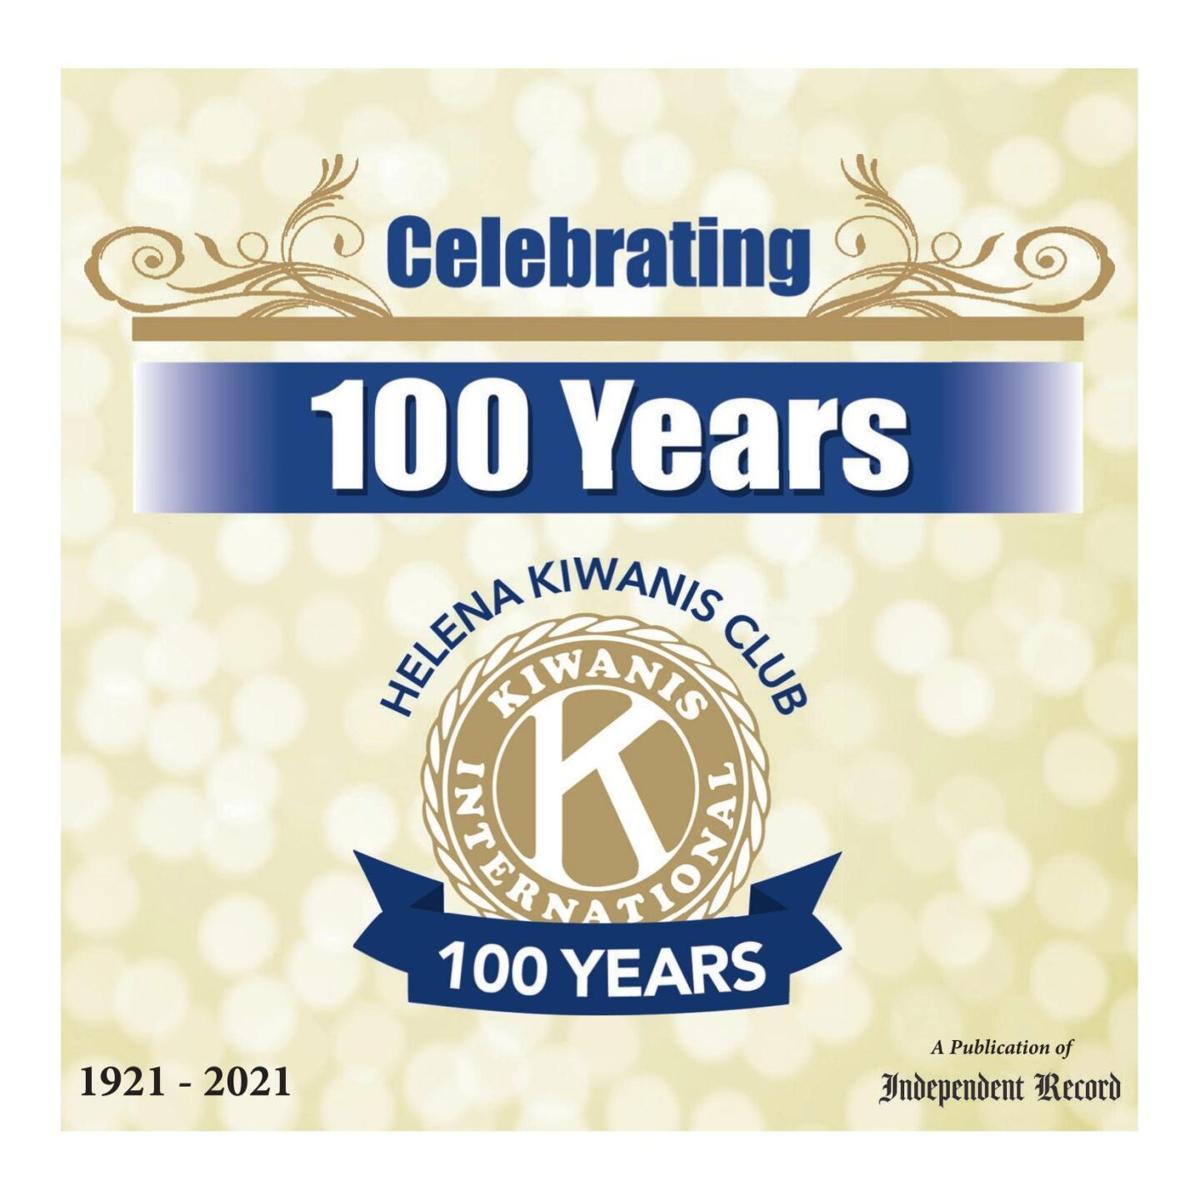 Kiwanis 100th Anniversary